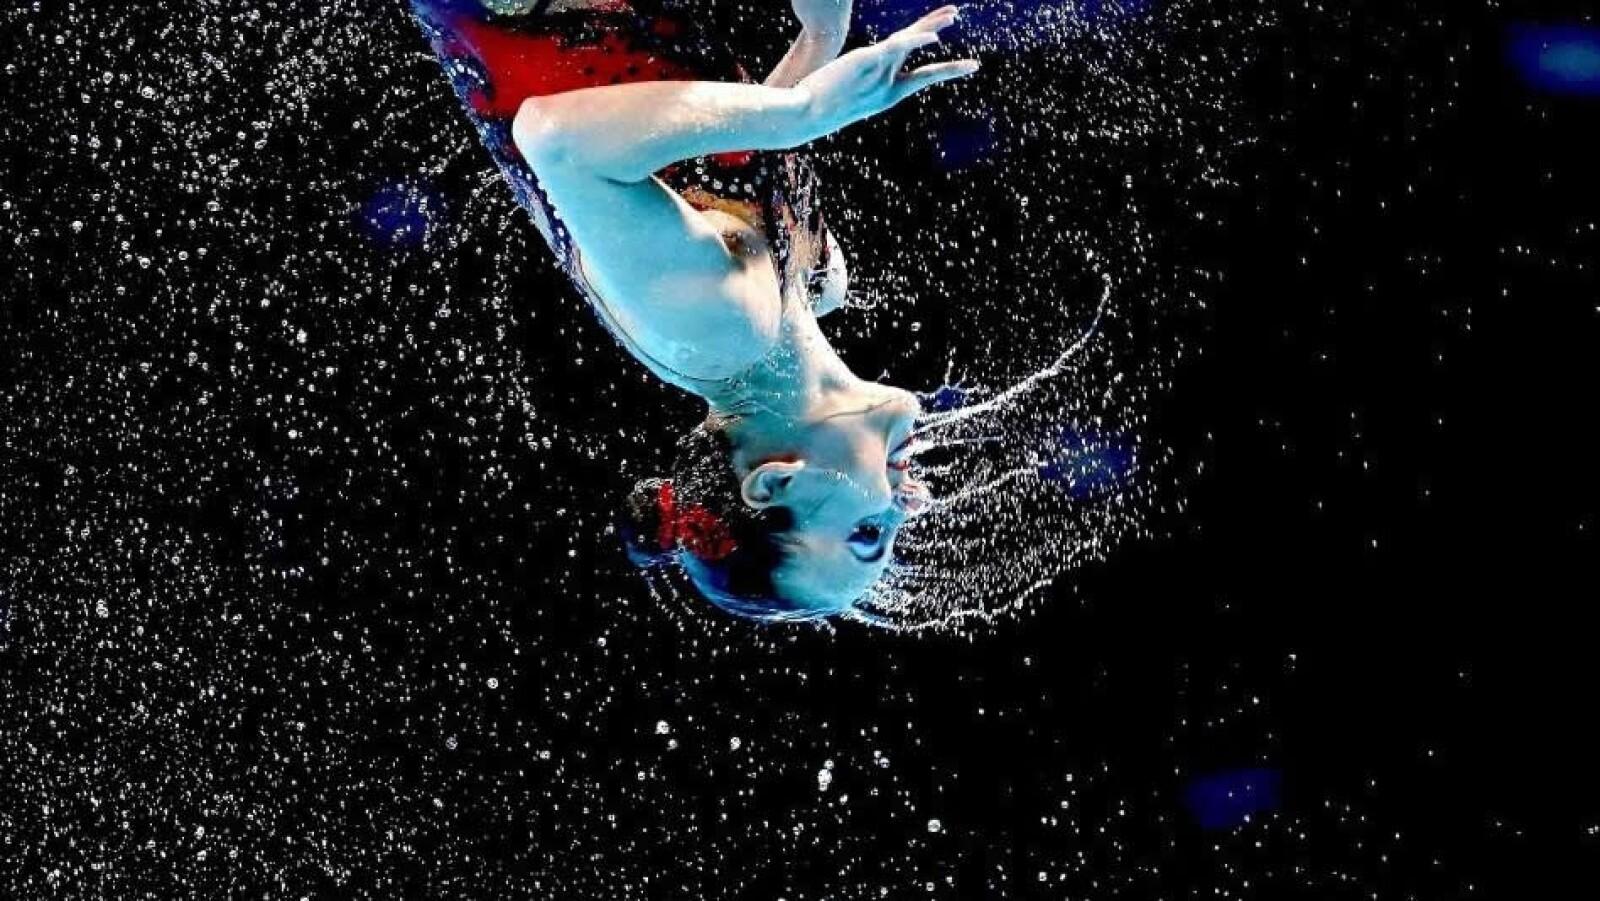 Rusia nado sincronizado campeonato mundial barcelona españa